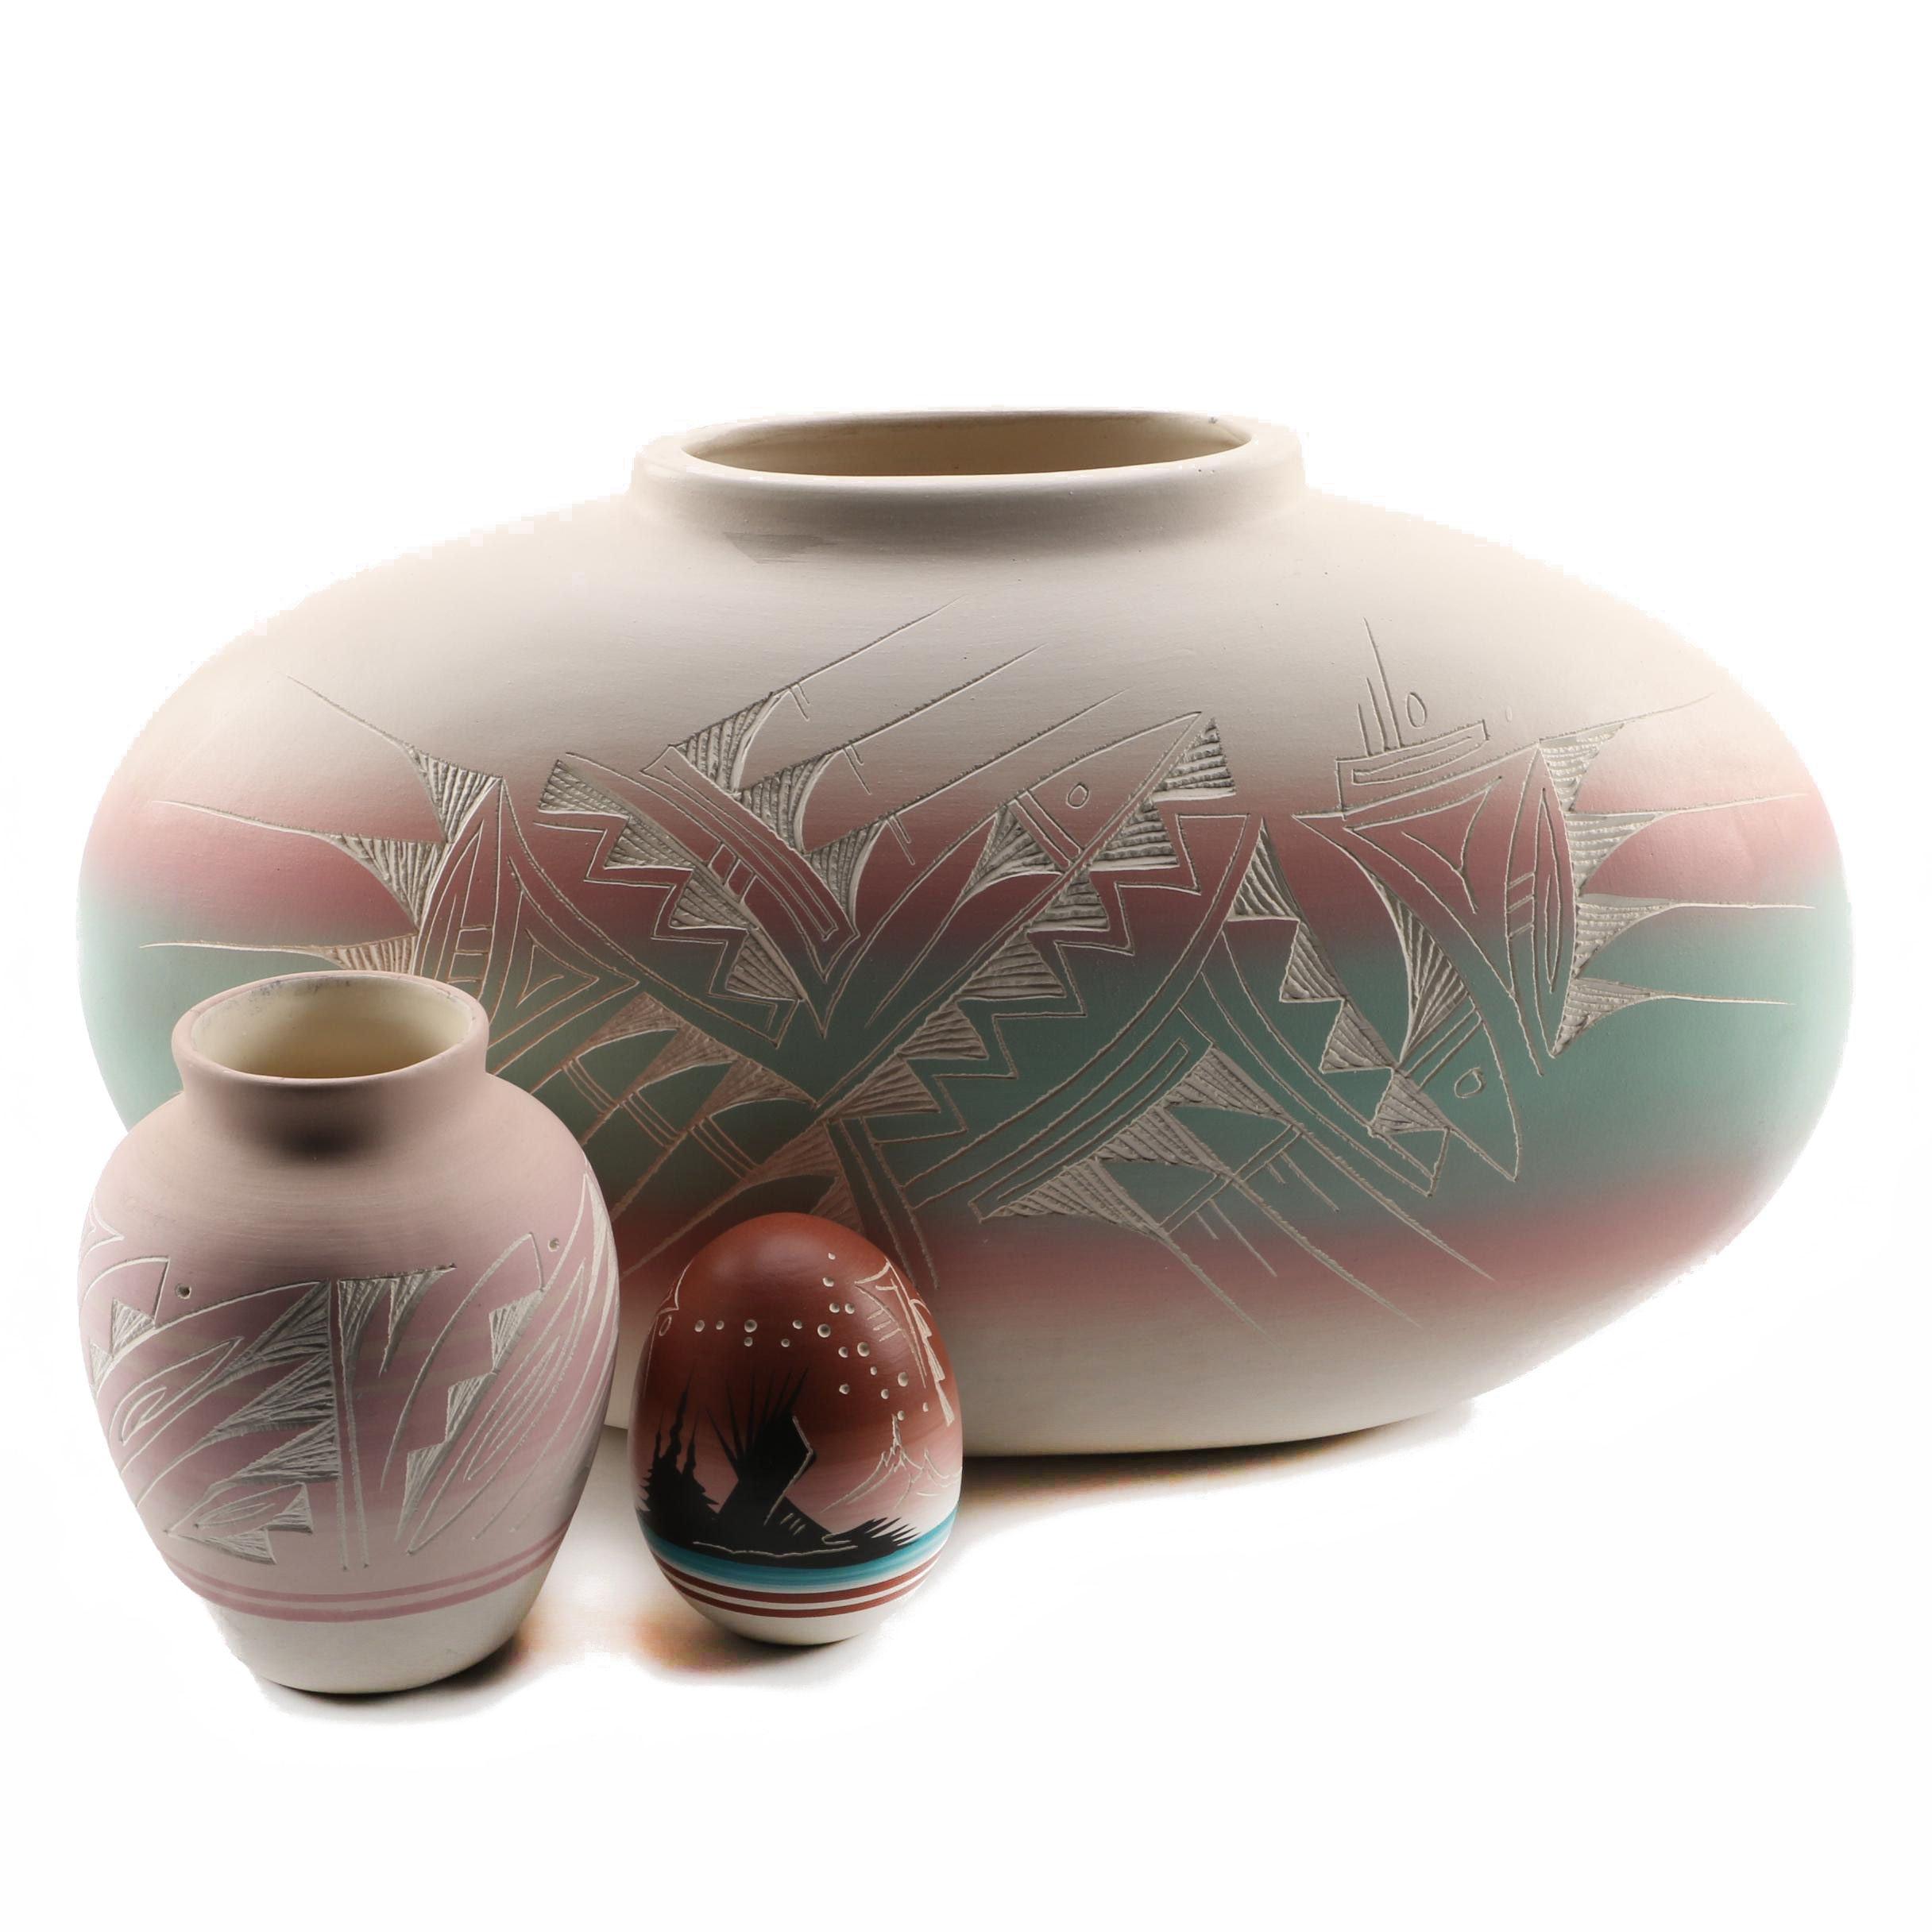 Navajo Art Pottery